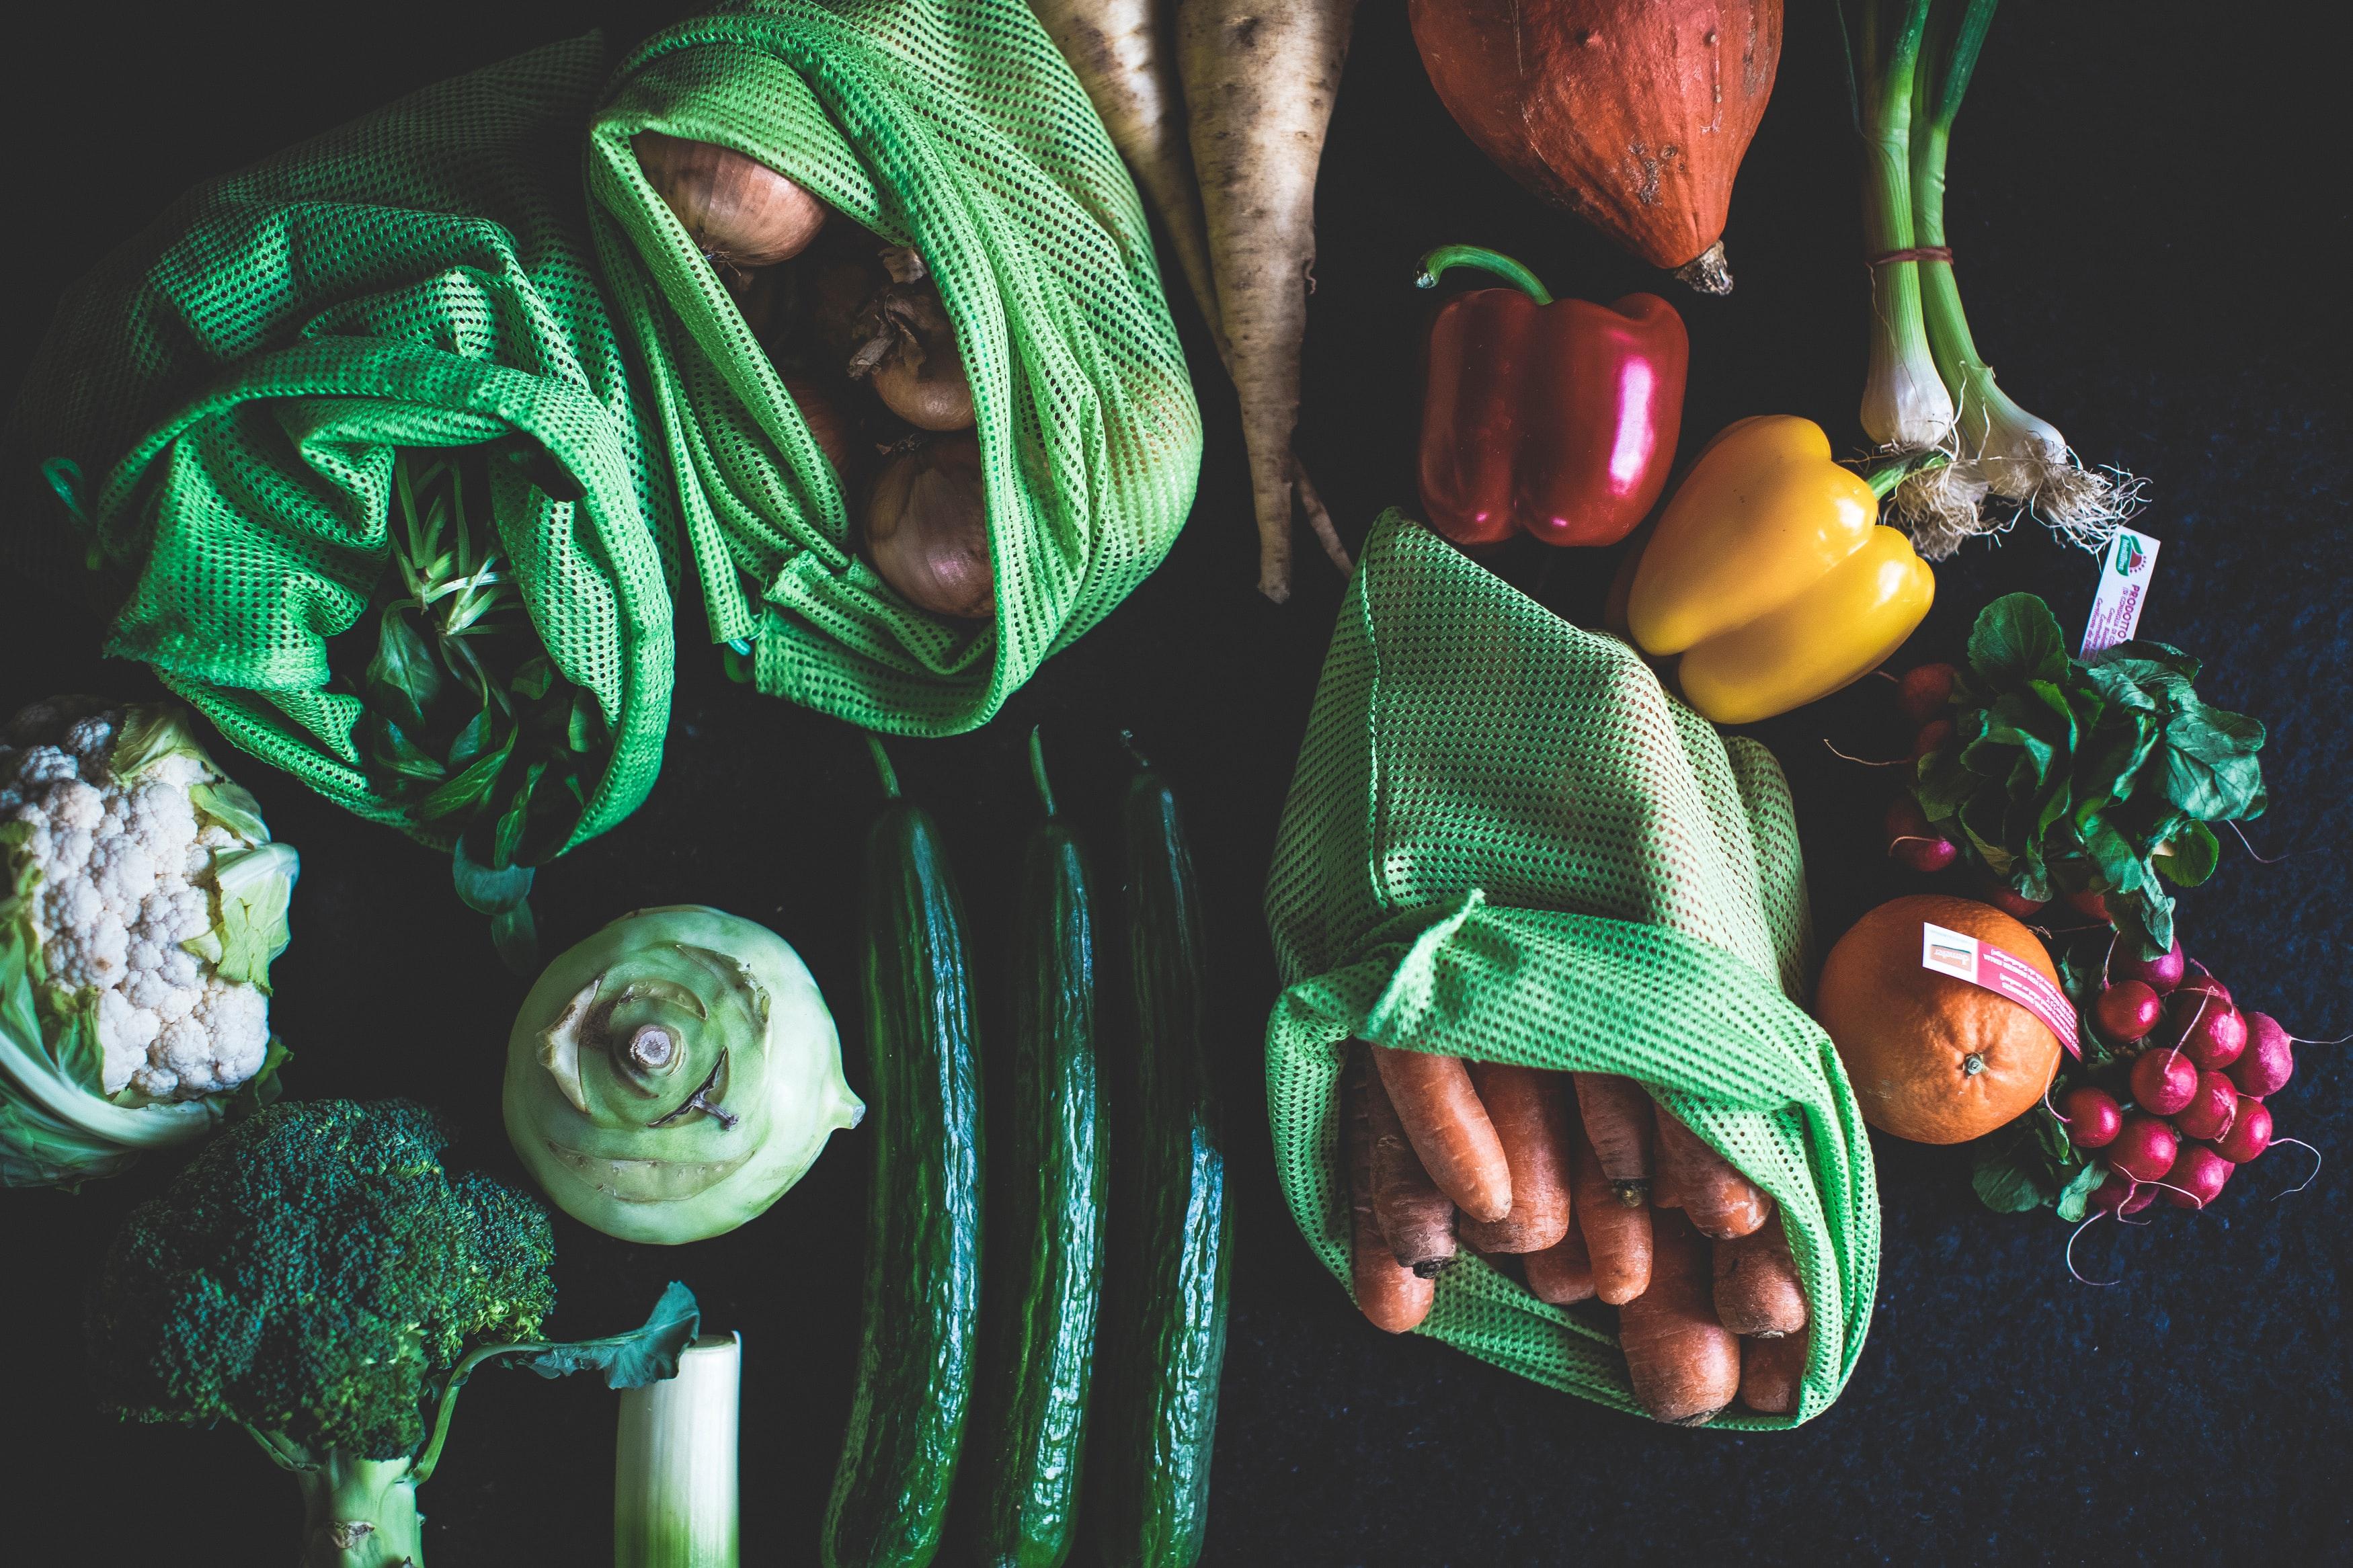 Mutfakta Gıda İsrafını Azaltmak için 7 İpucu